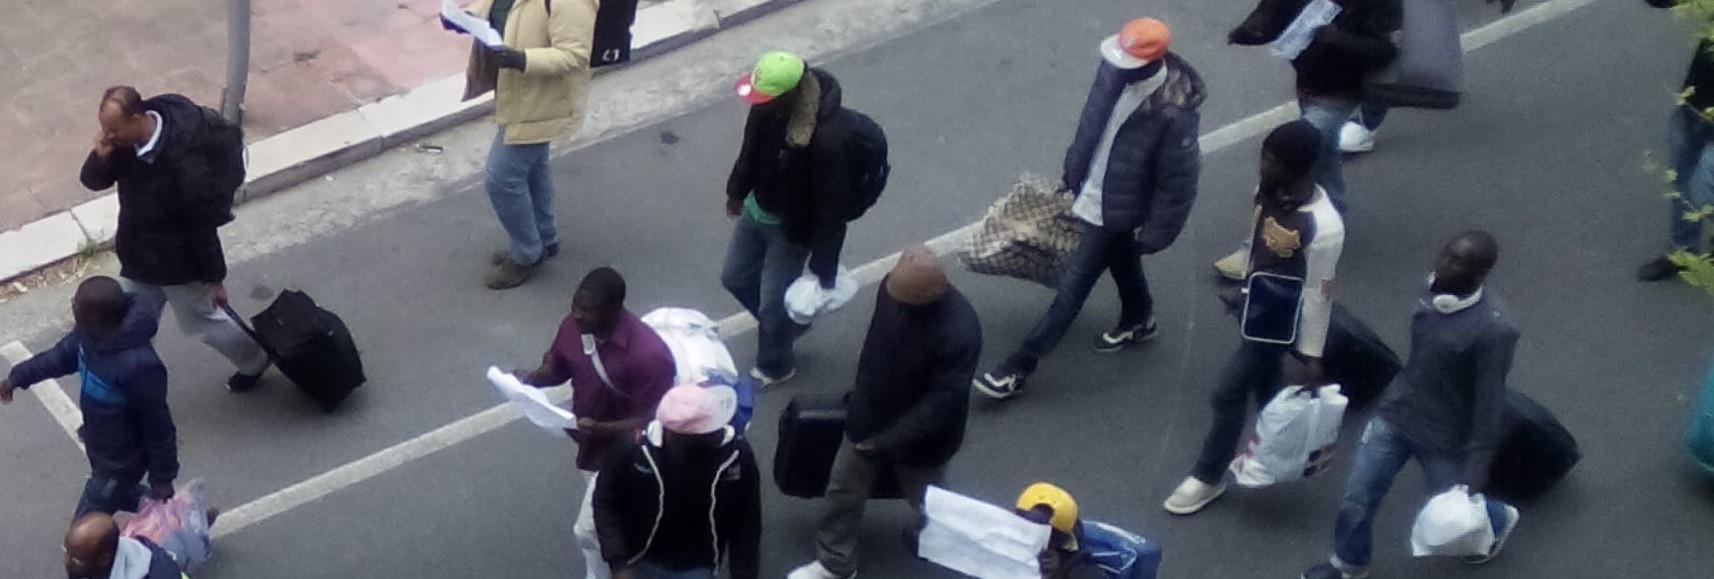 ReCoSol interviene sulla protesta dei migranti a Gioiosa